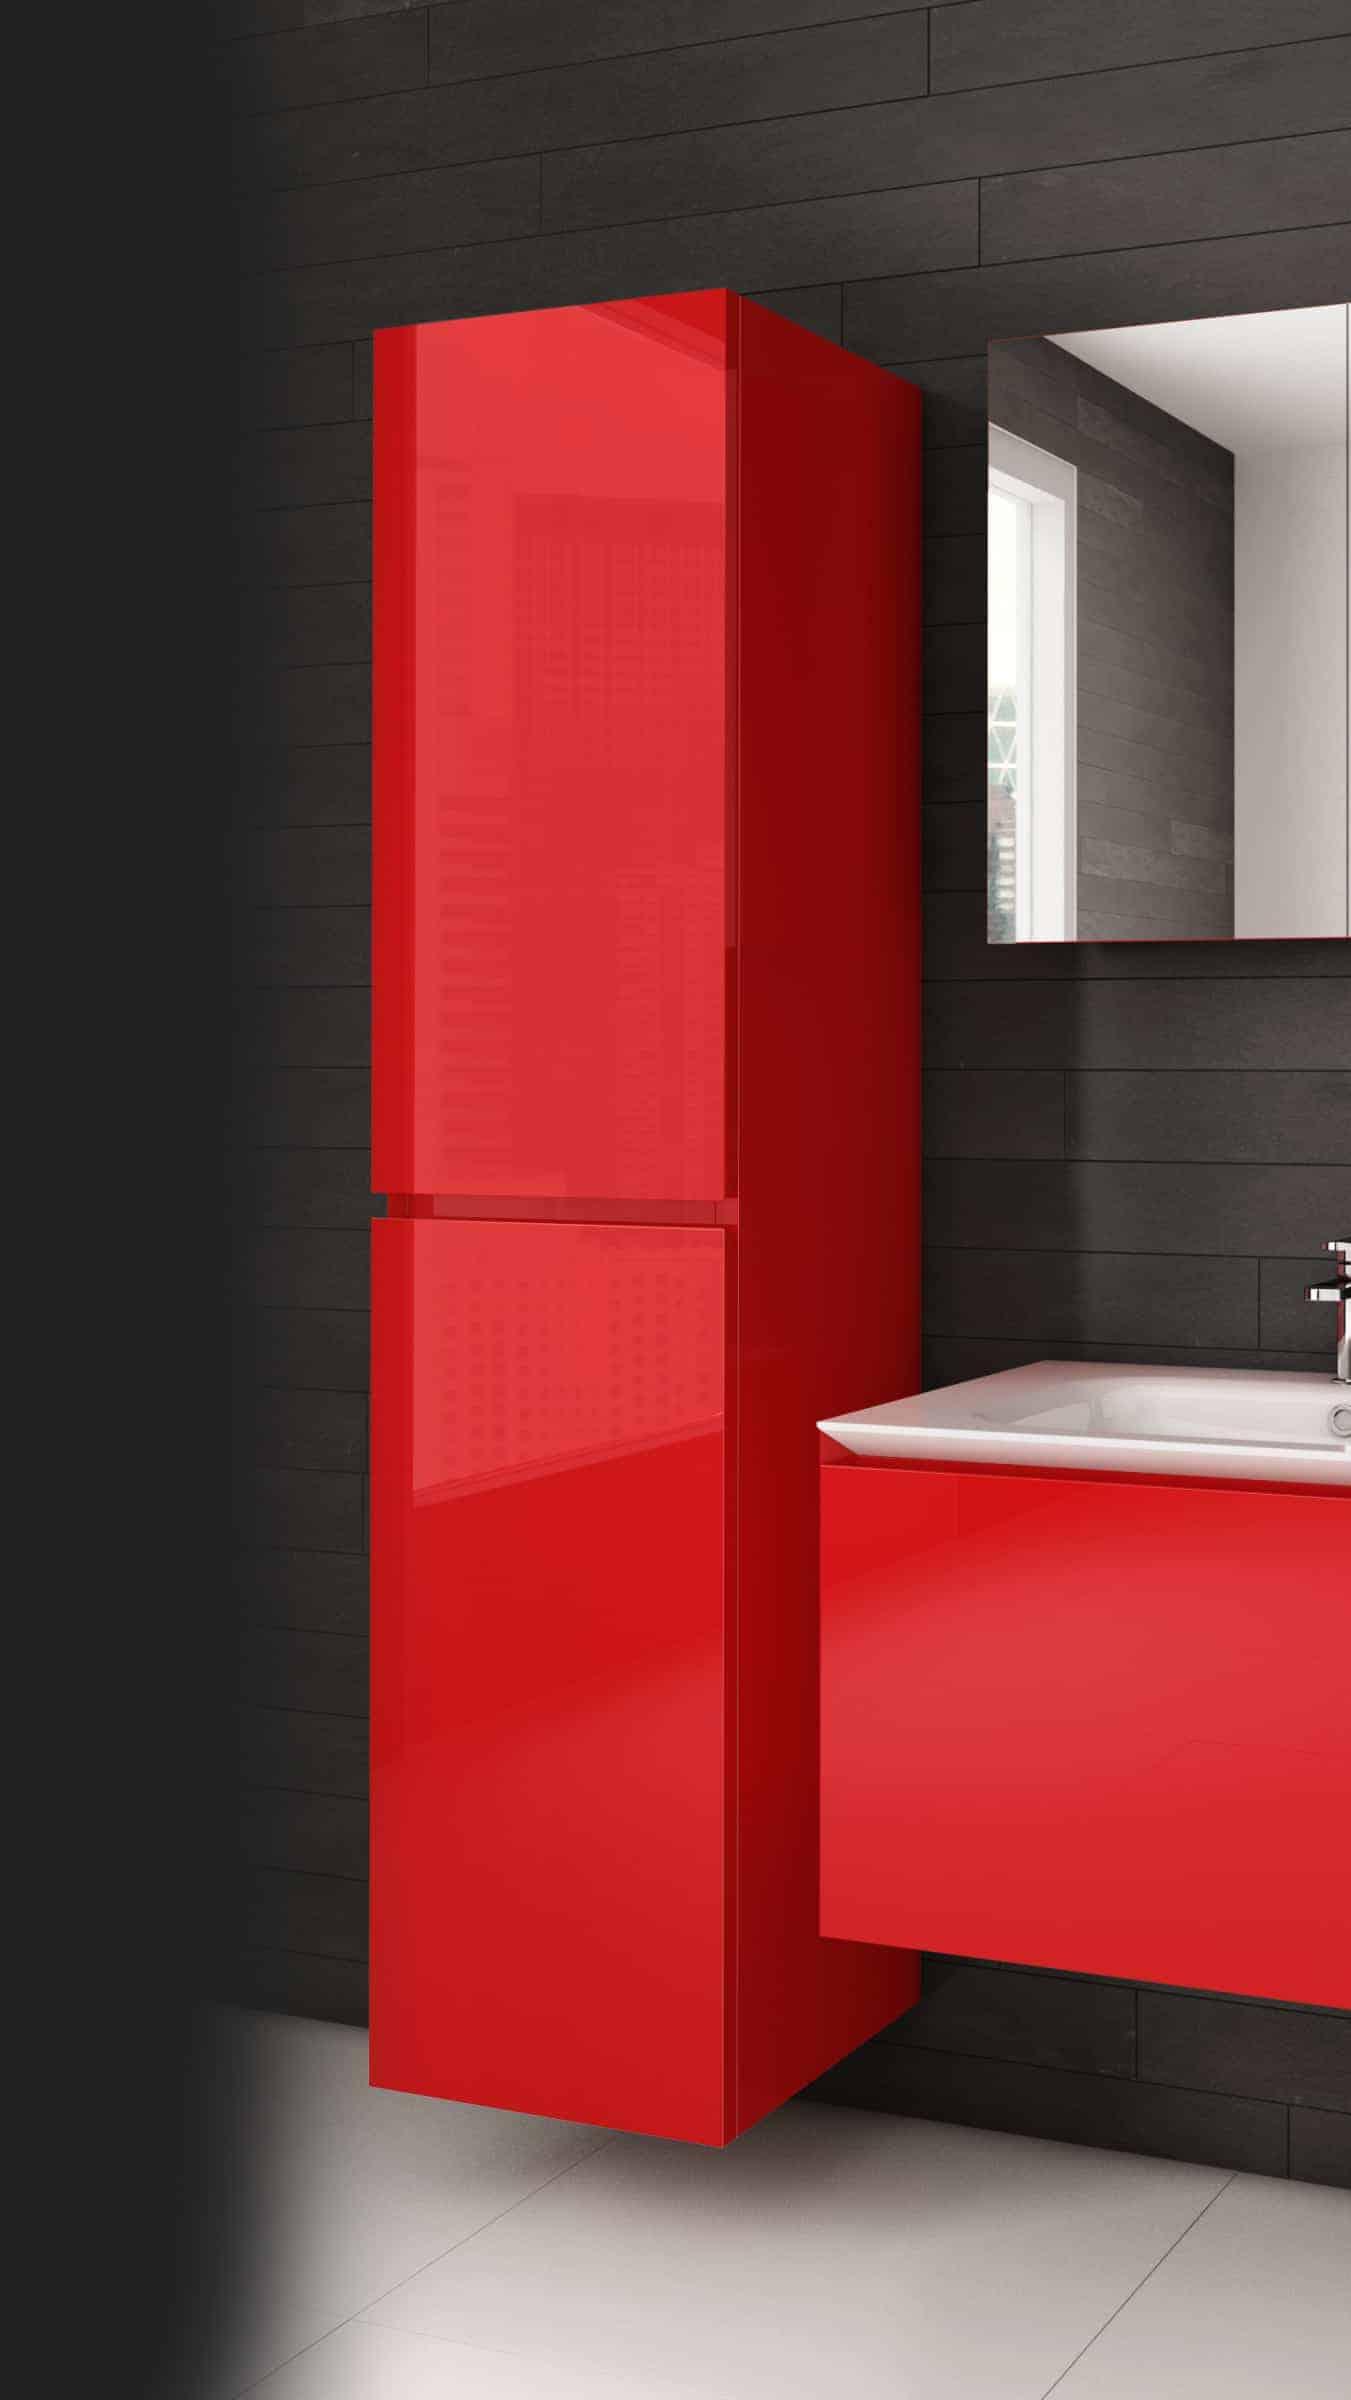 Produits et accessoires pour salle de bain design pierdeco - Lingerie salle de bain ...